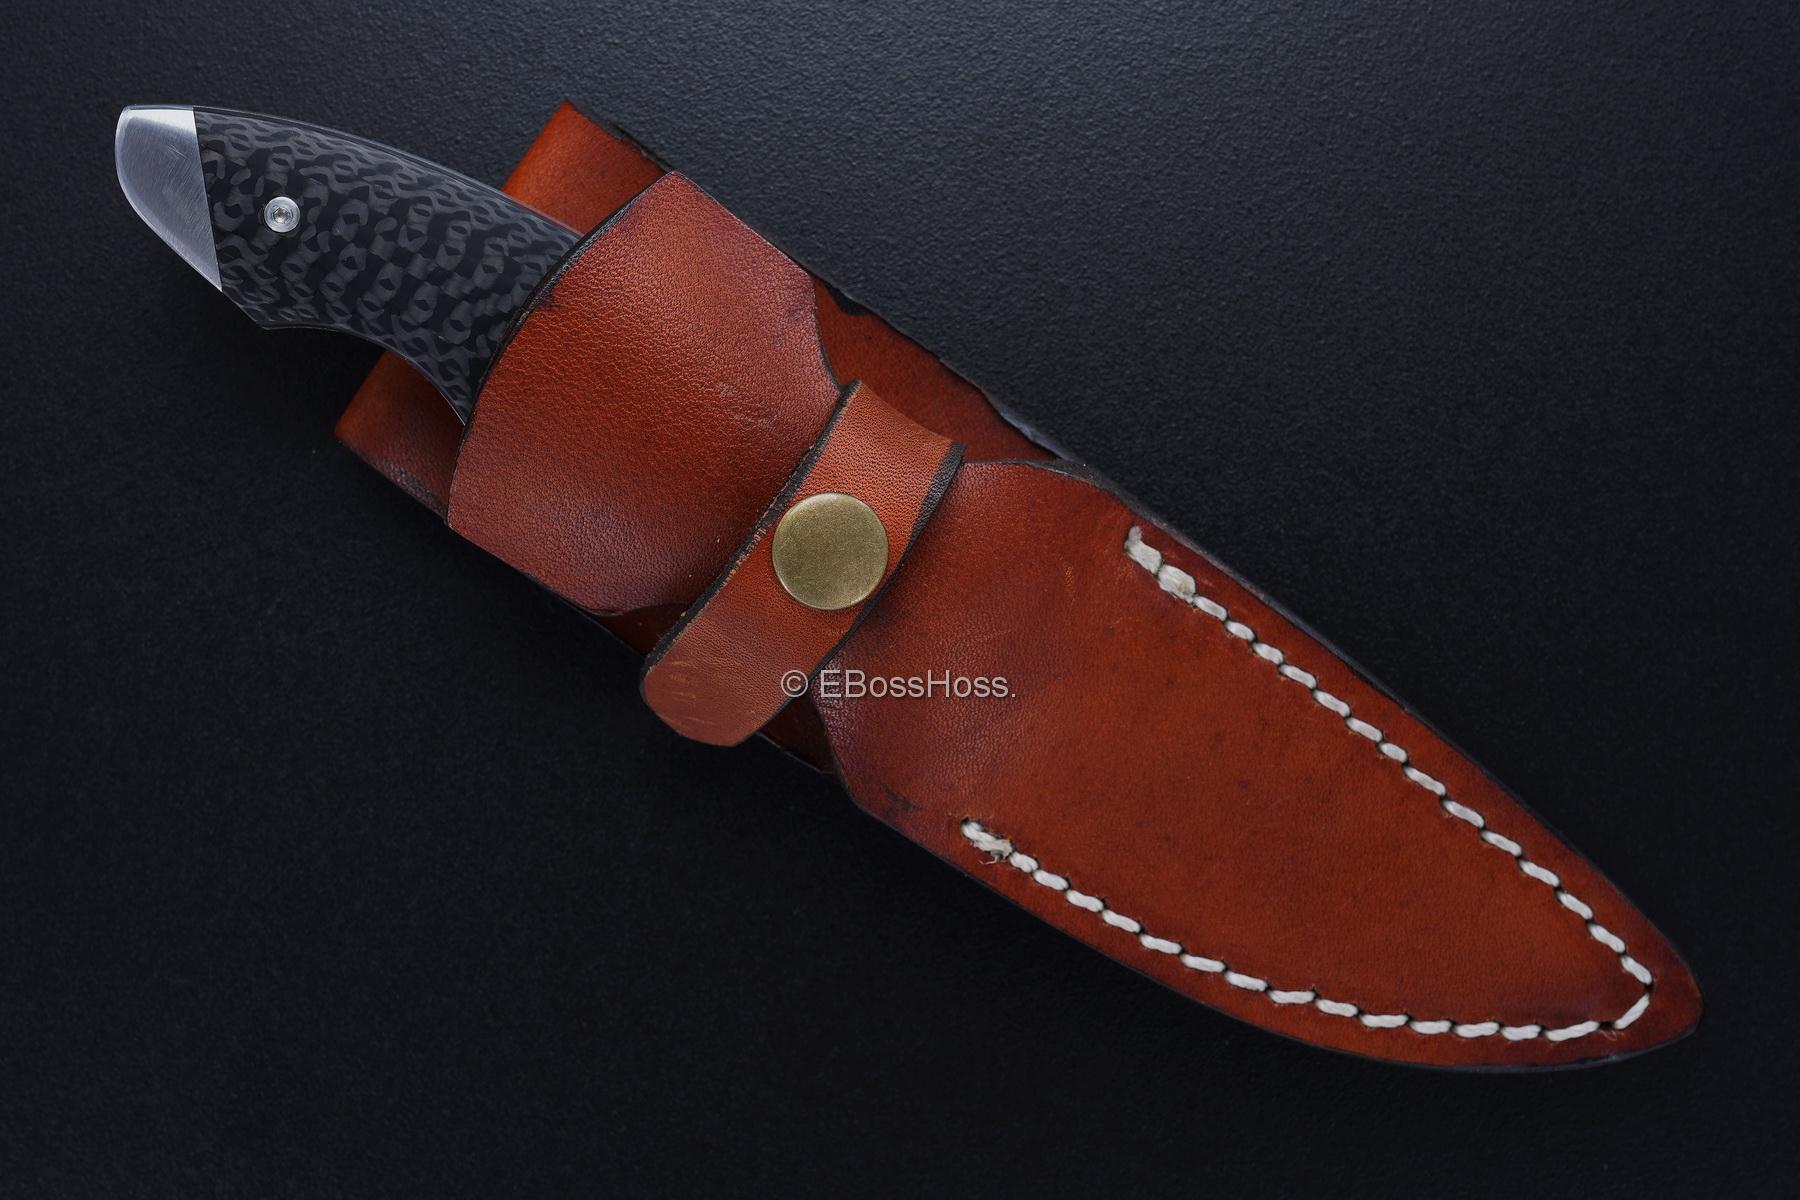 Kansei Matsuno Custom Loveless-style Sheath Knife / Push-Dagger Convertible